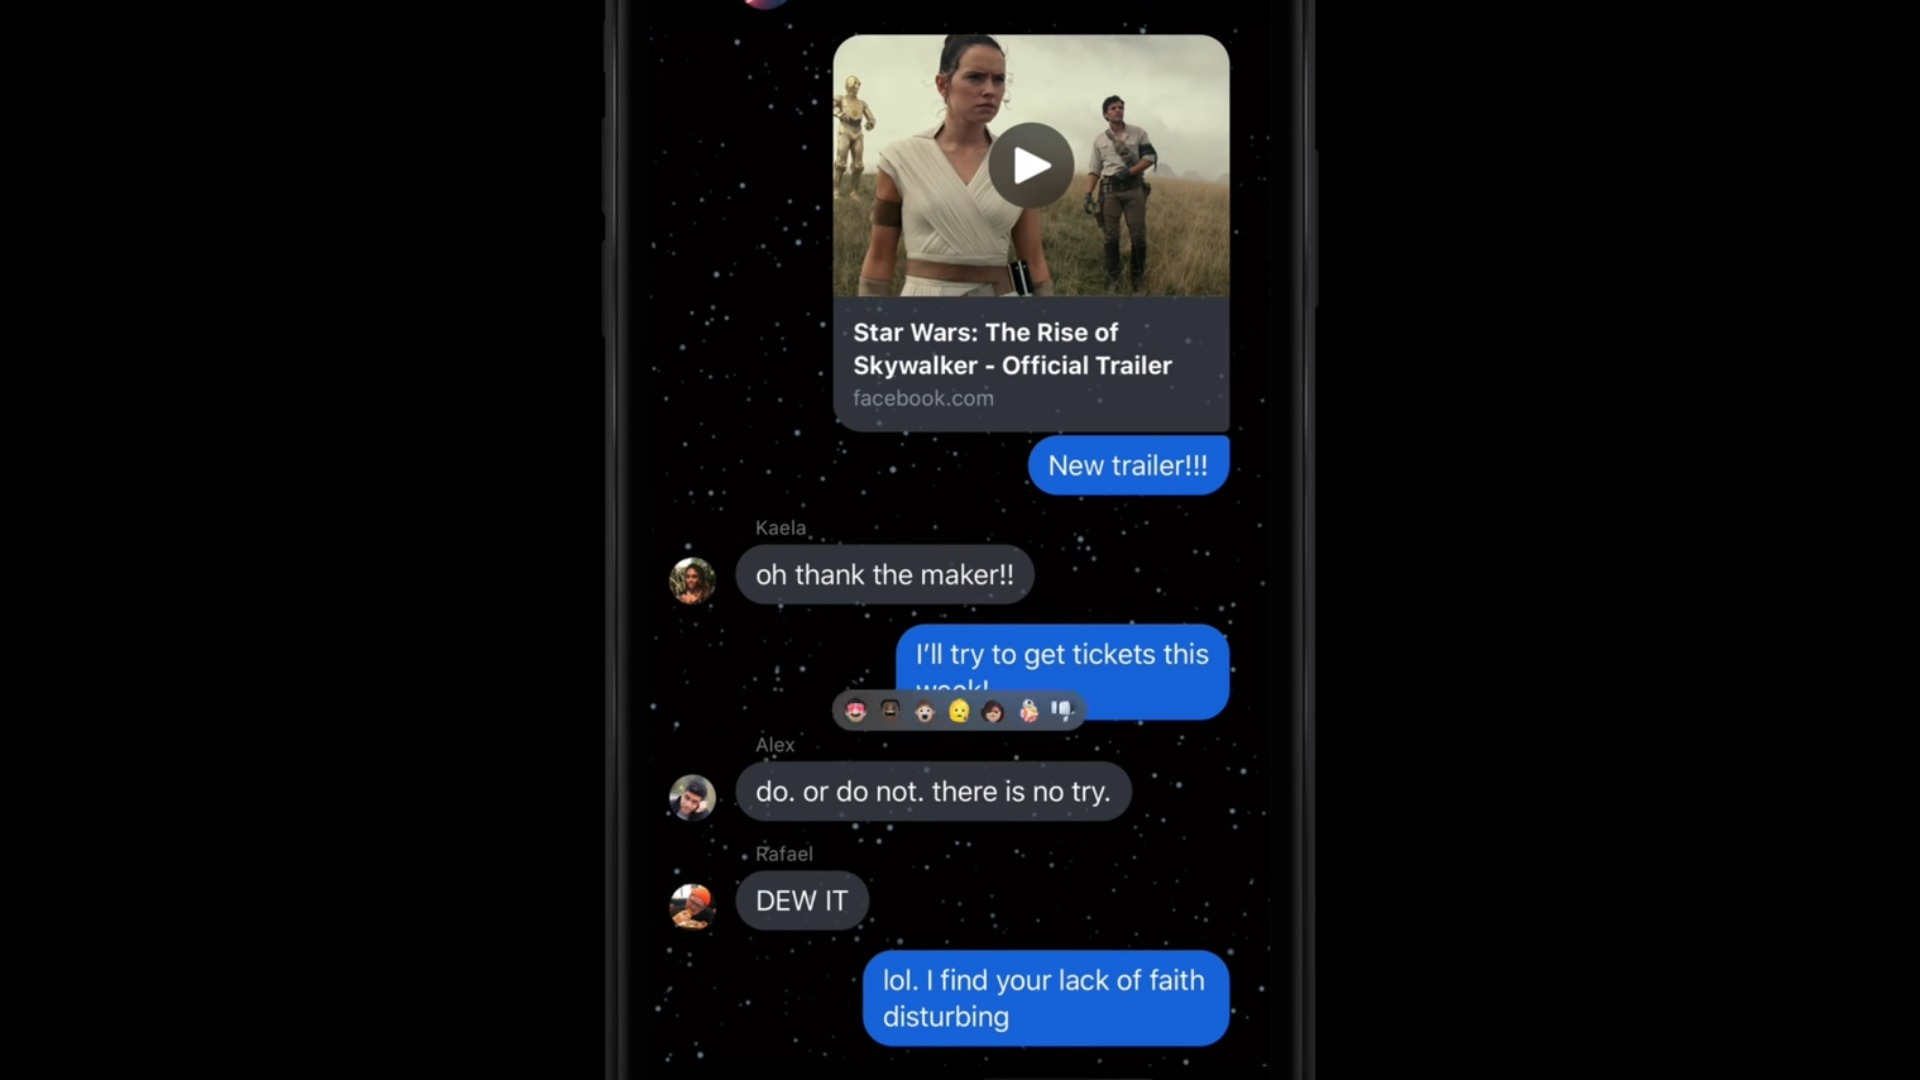 Tema de Star Wars para los chats de Messenger.